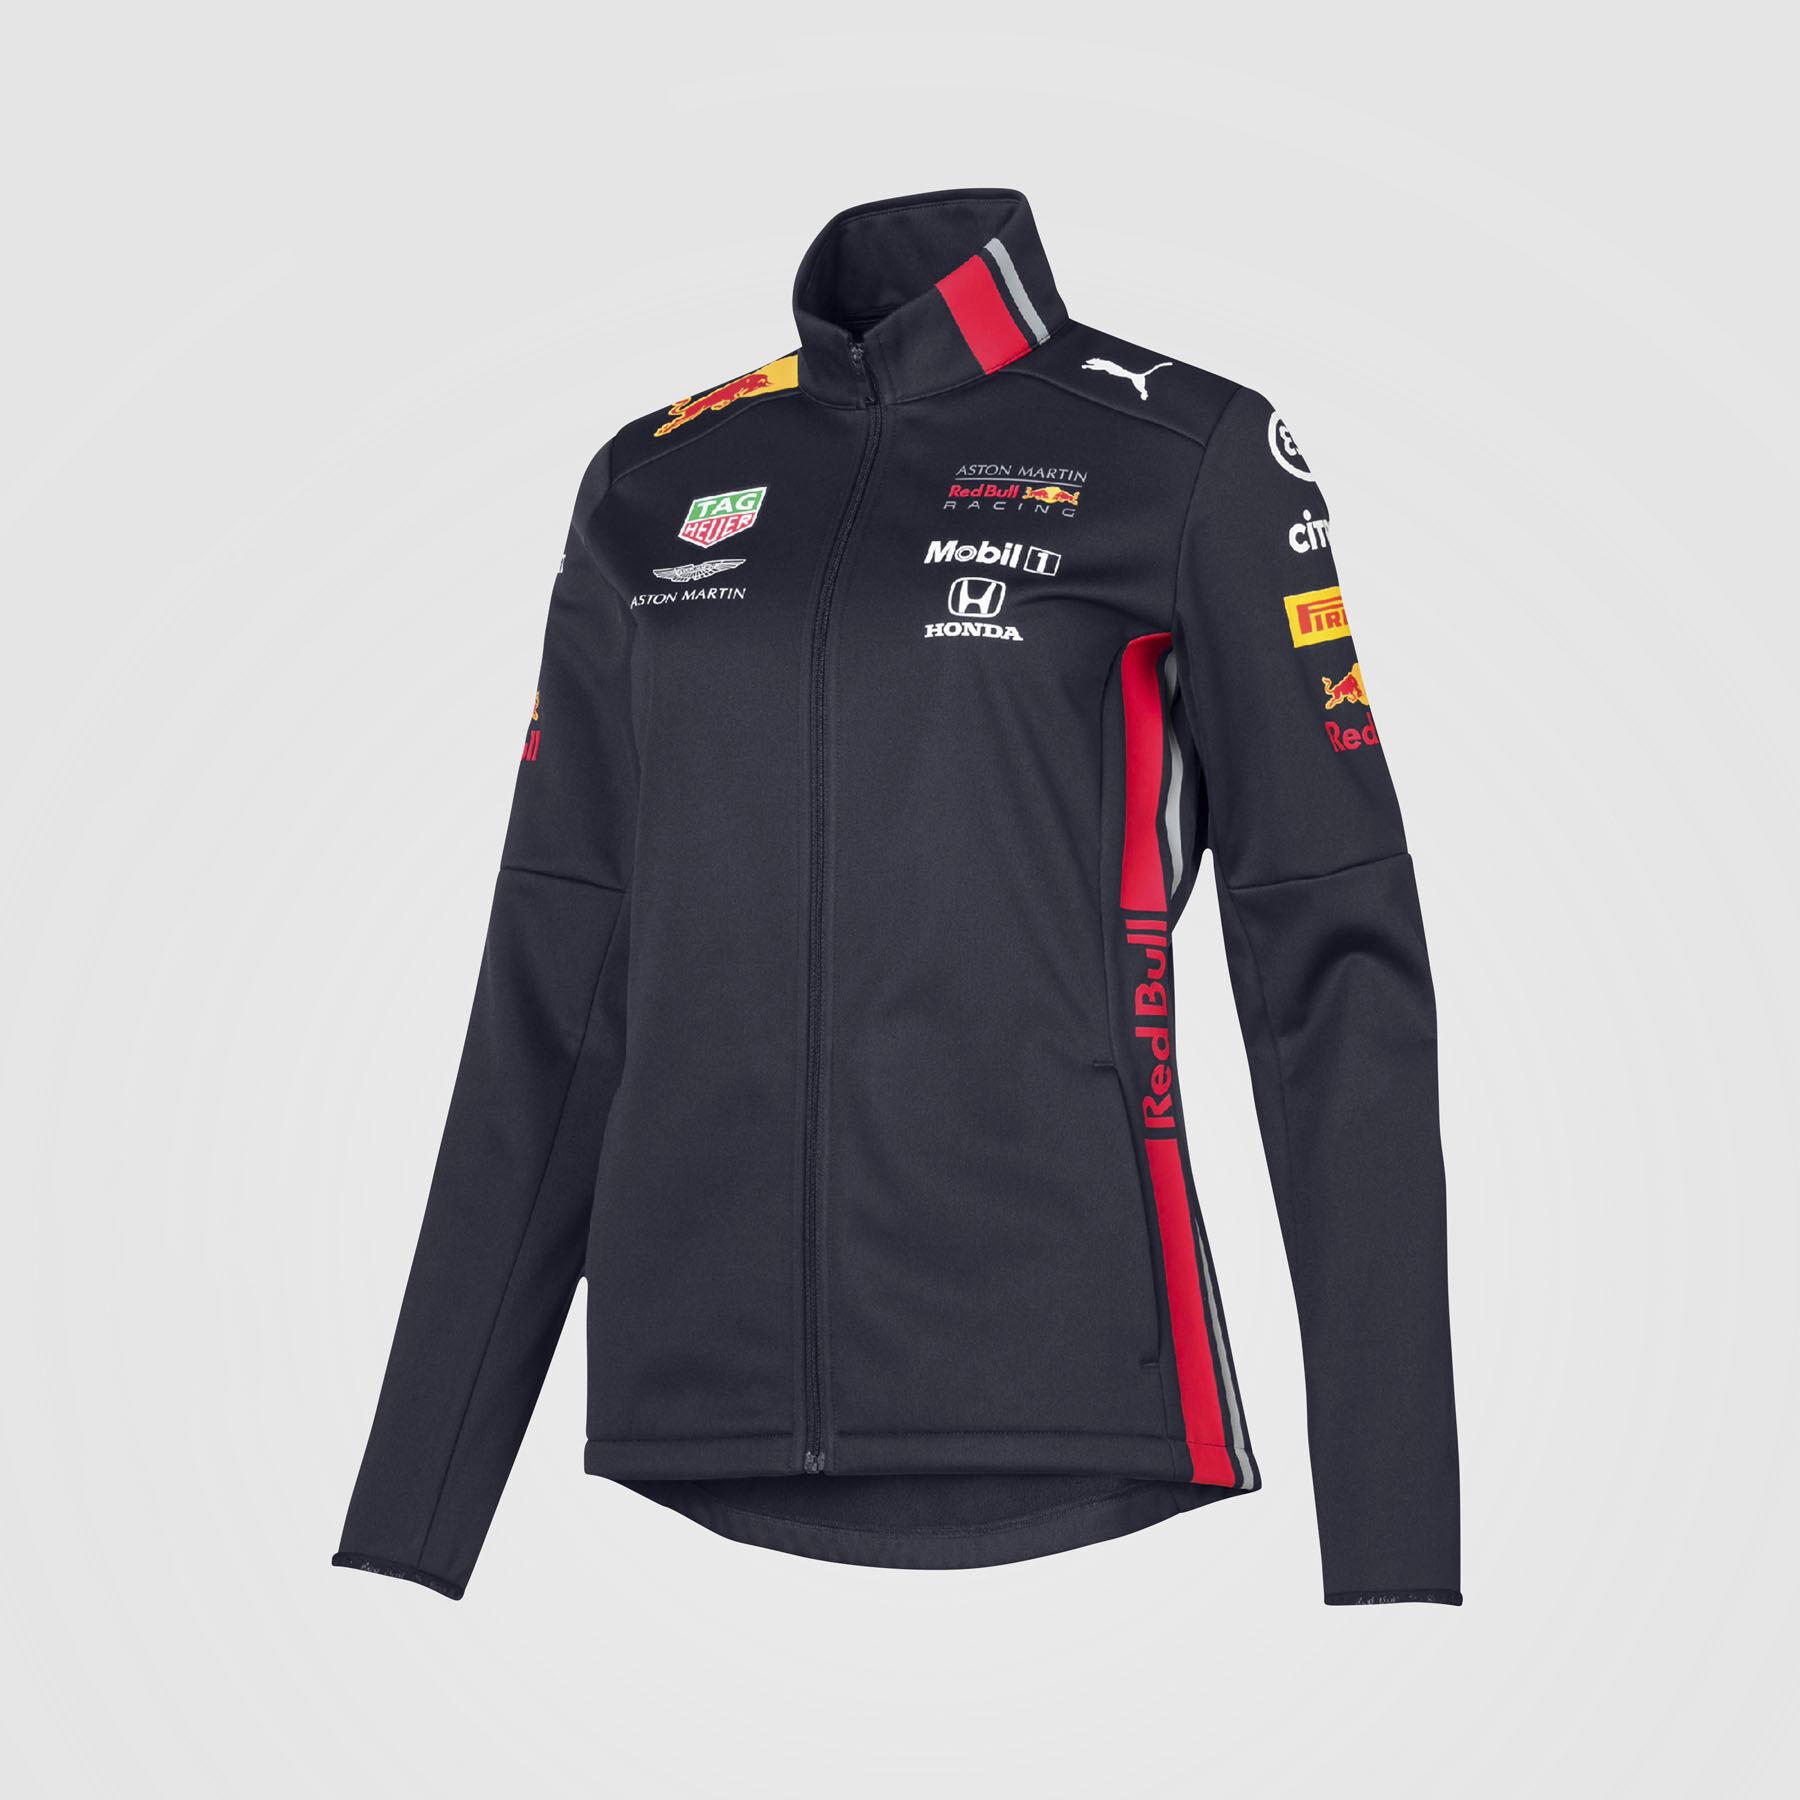 McLaren F1 2019 Team Softshell Jacket